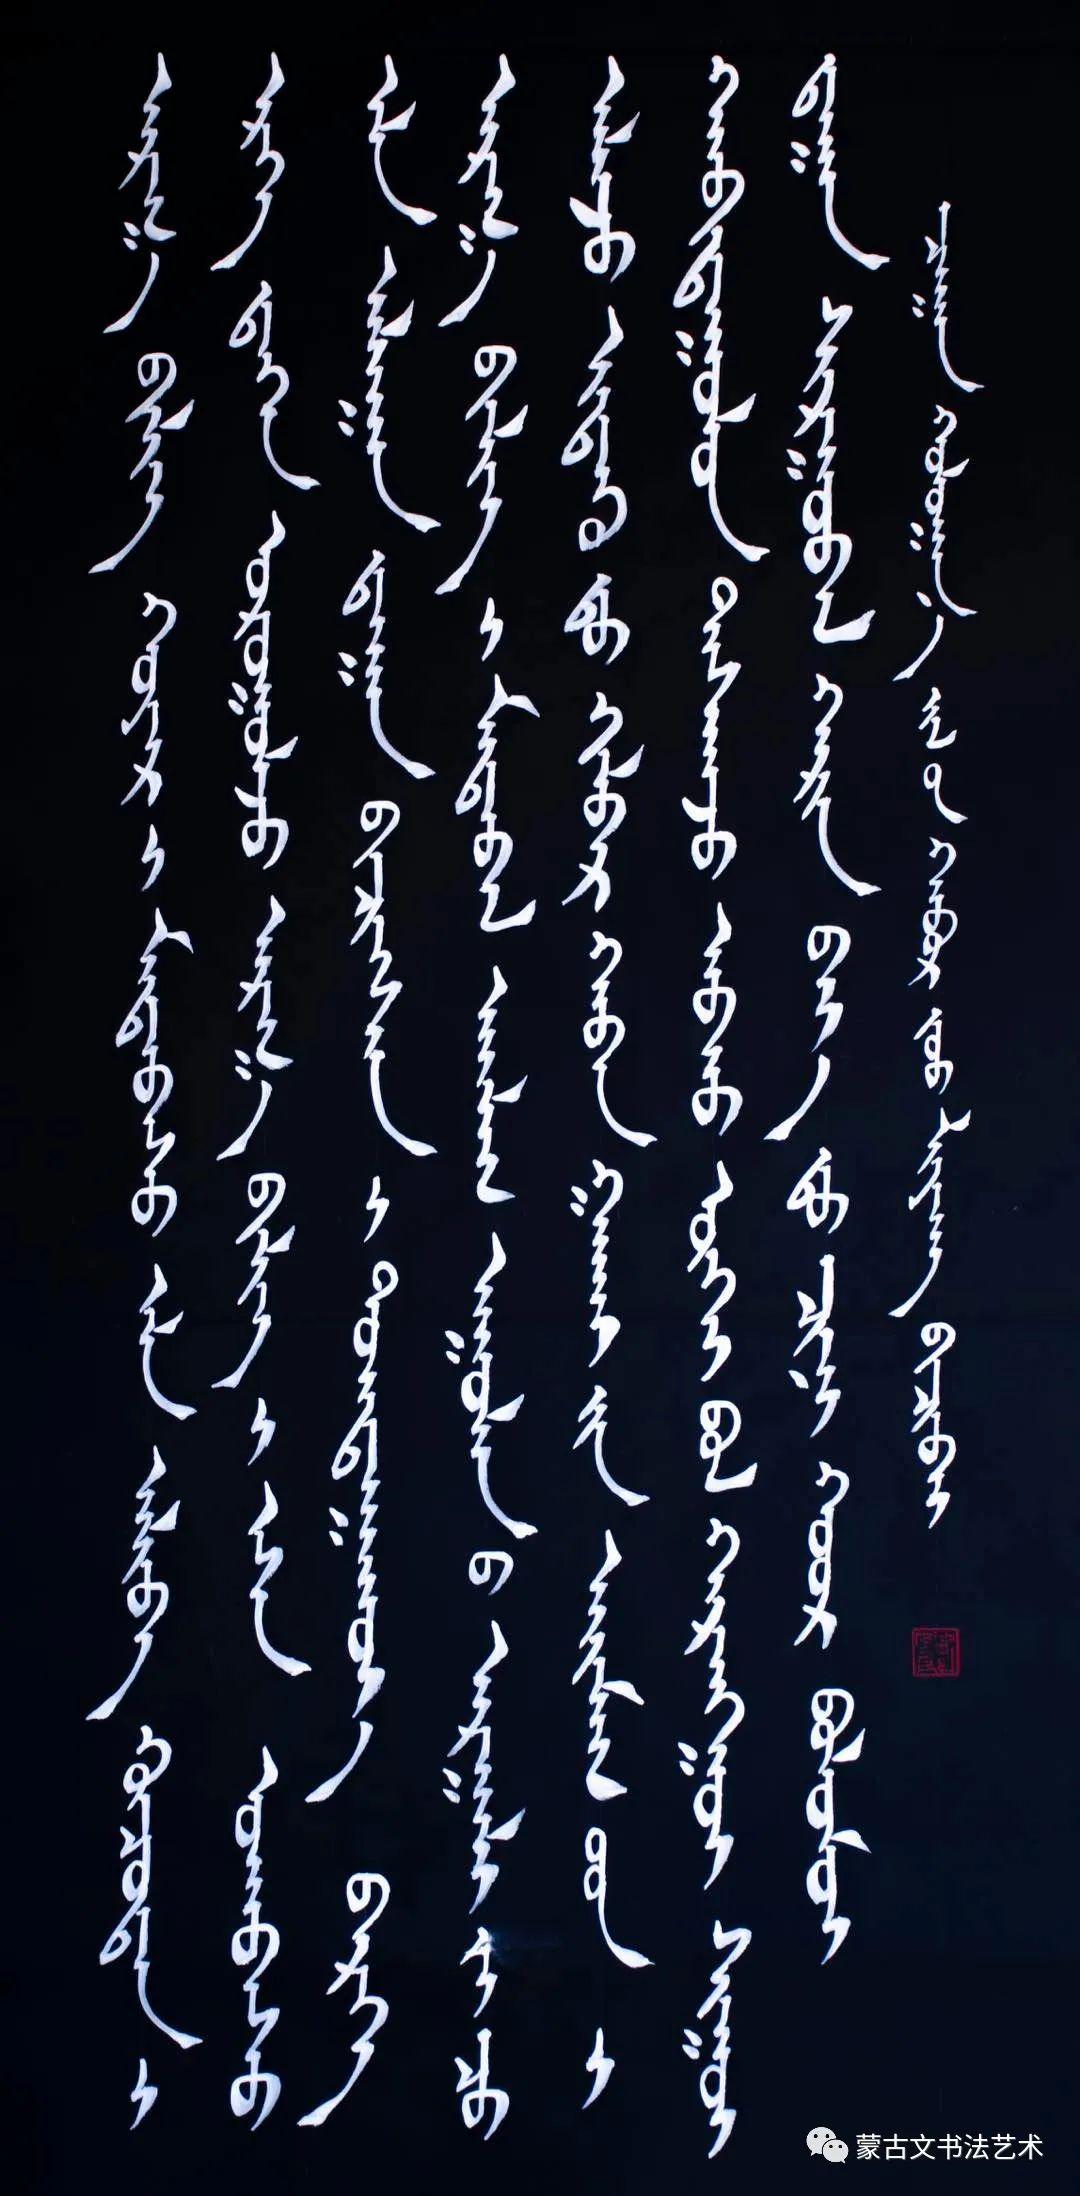 赵亮蒙古文书法 第7张 赵亮蒙古文书法 蒙古书法